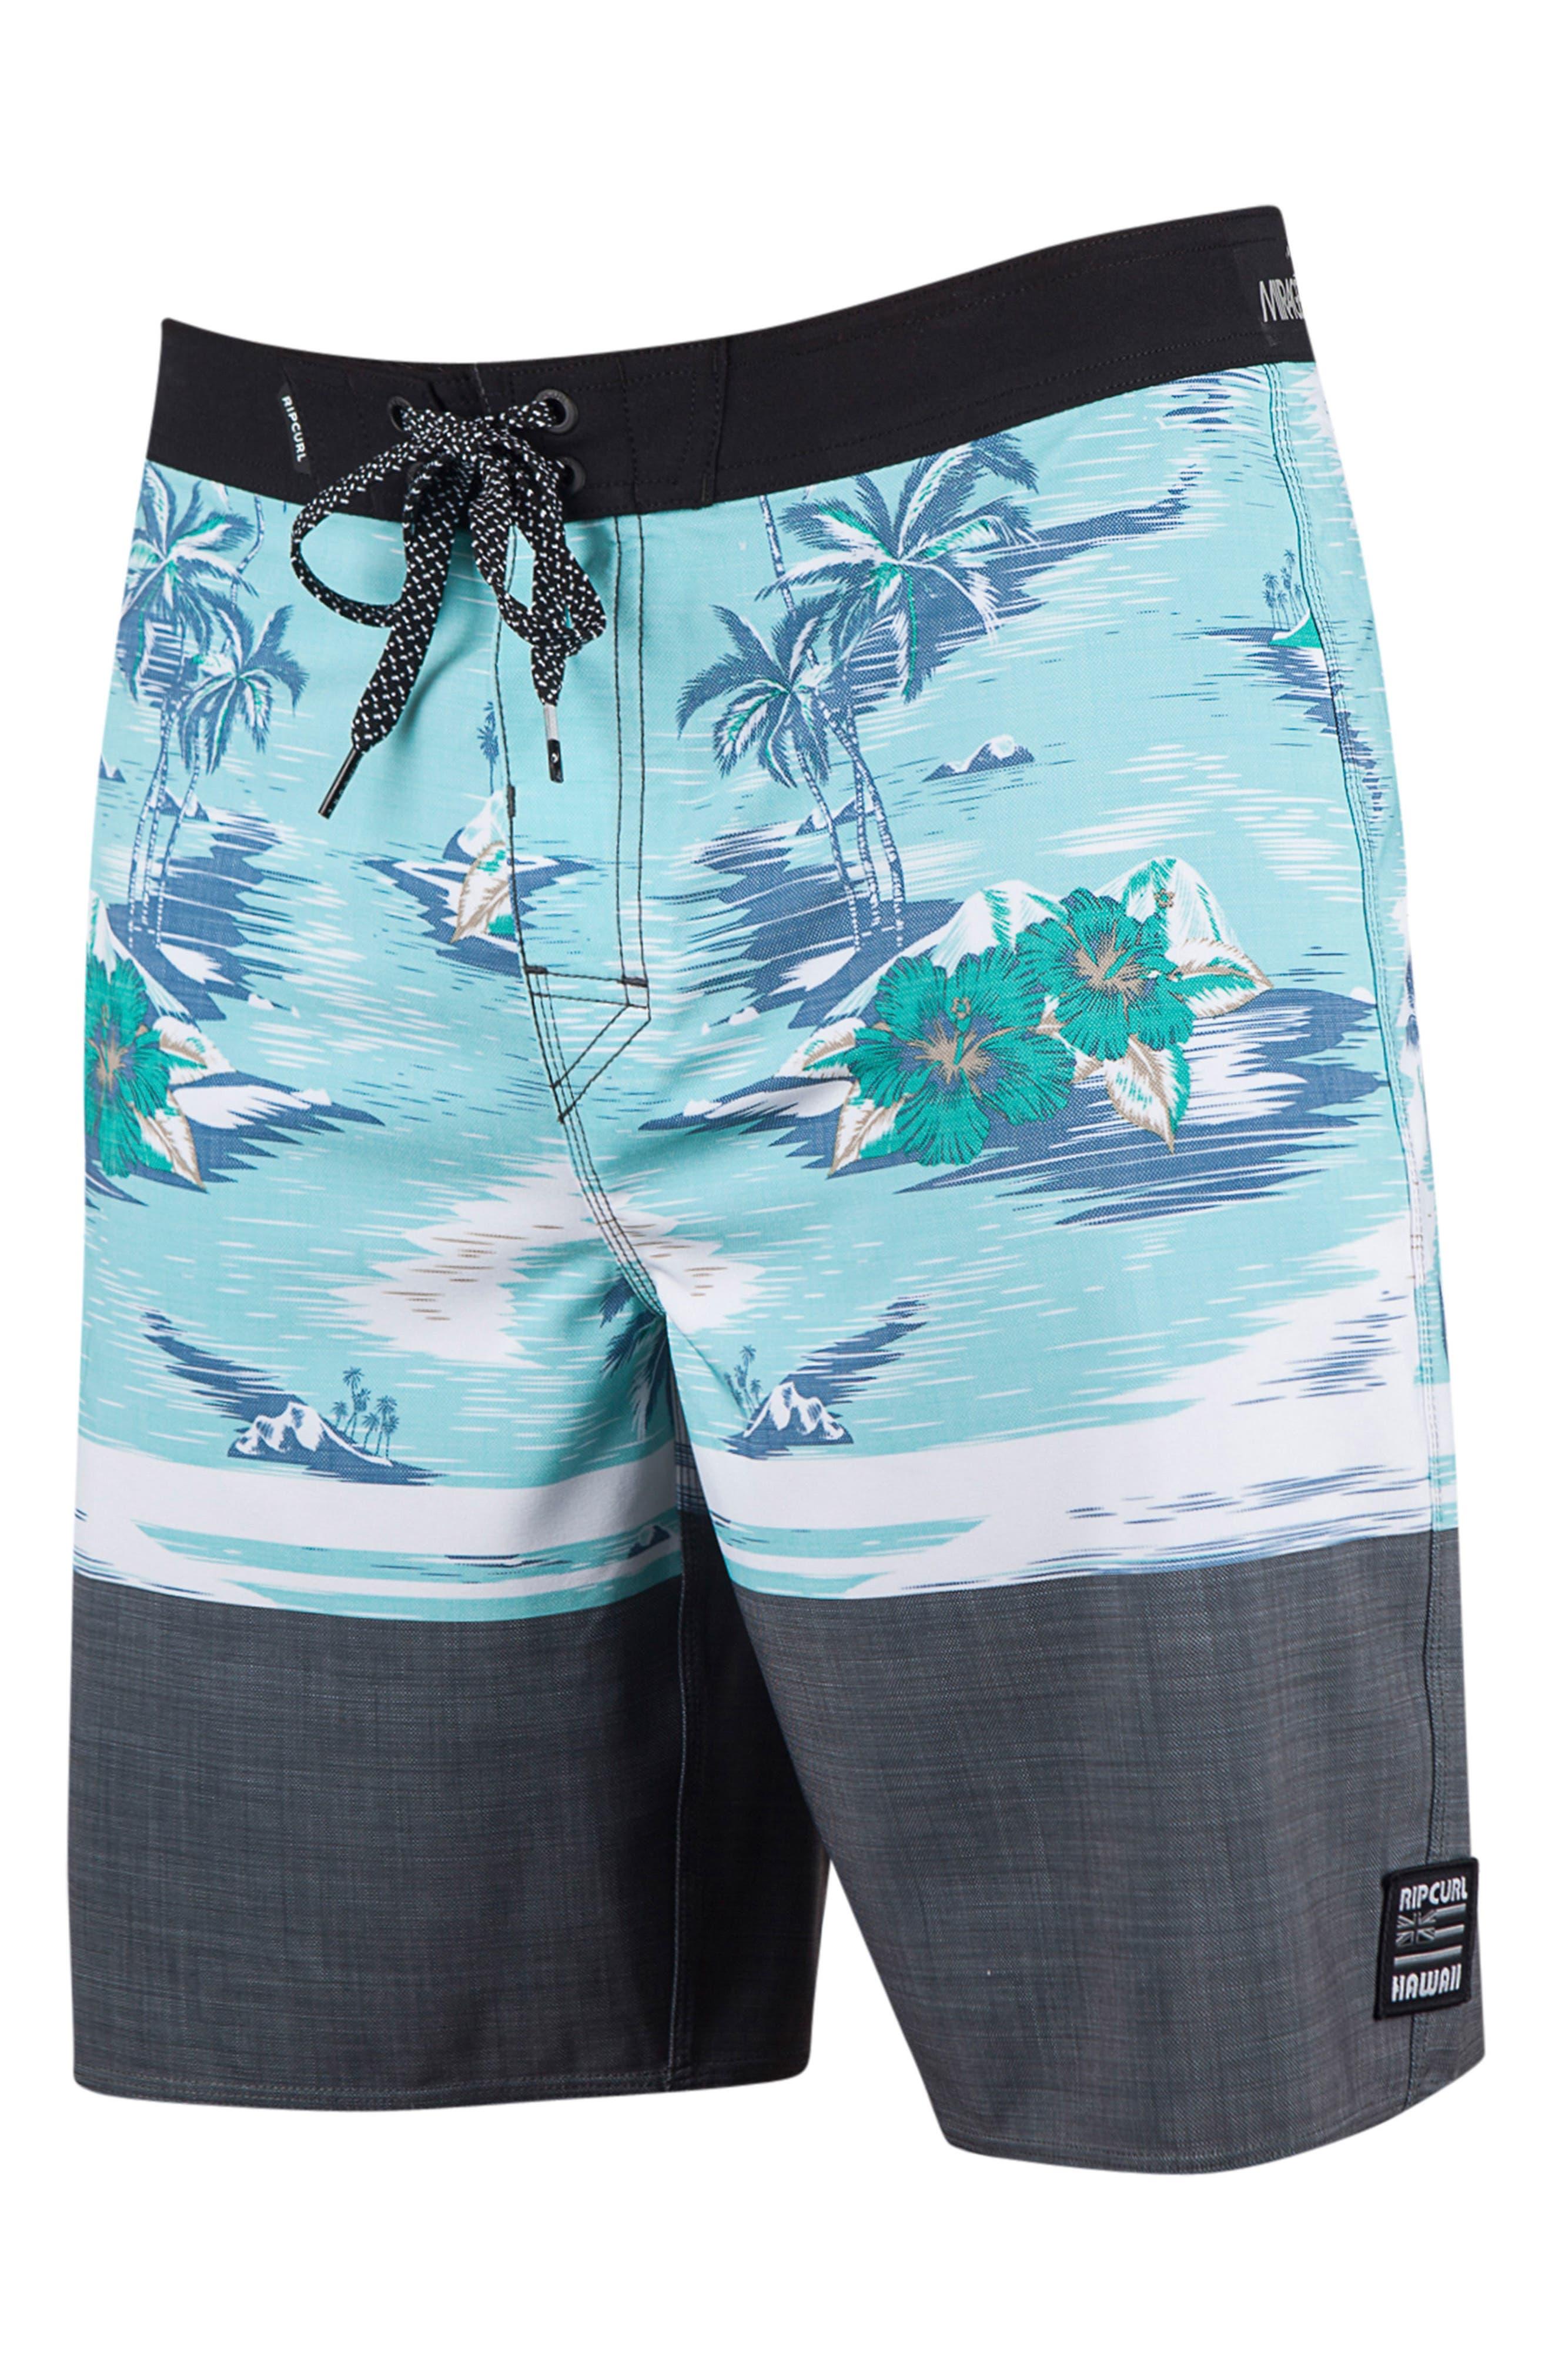 Mirage Back Bay Board Shorts,                         Main,                         color, Teal